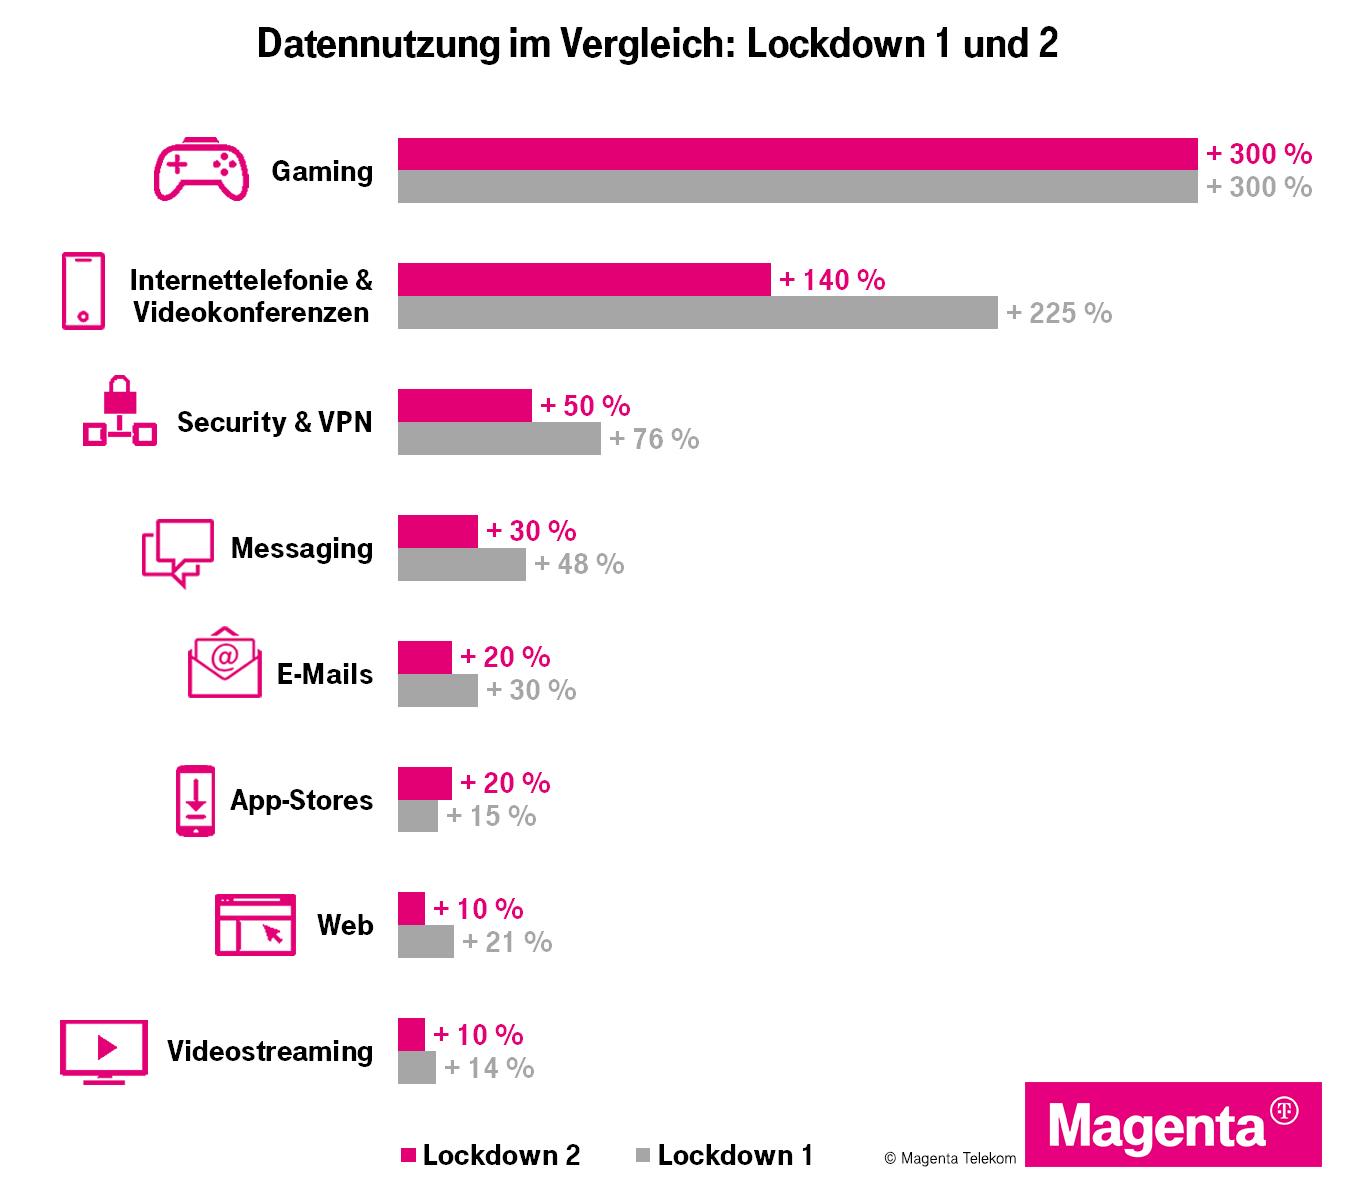 Lockdown 2: Homeoffice, Homeschooling und Gaming treiben Datennutzung auf neue Rekordhöhen